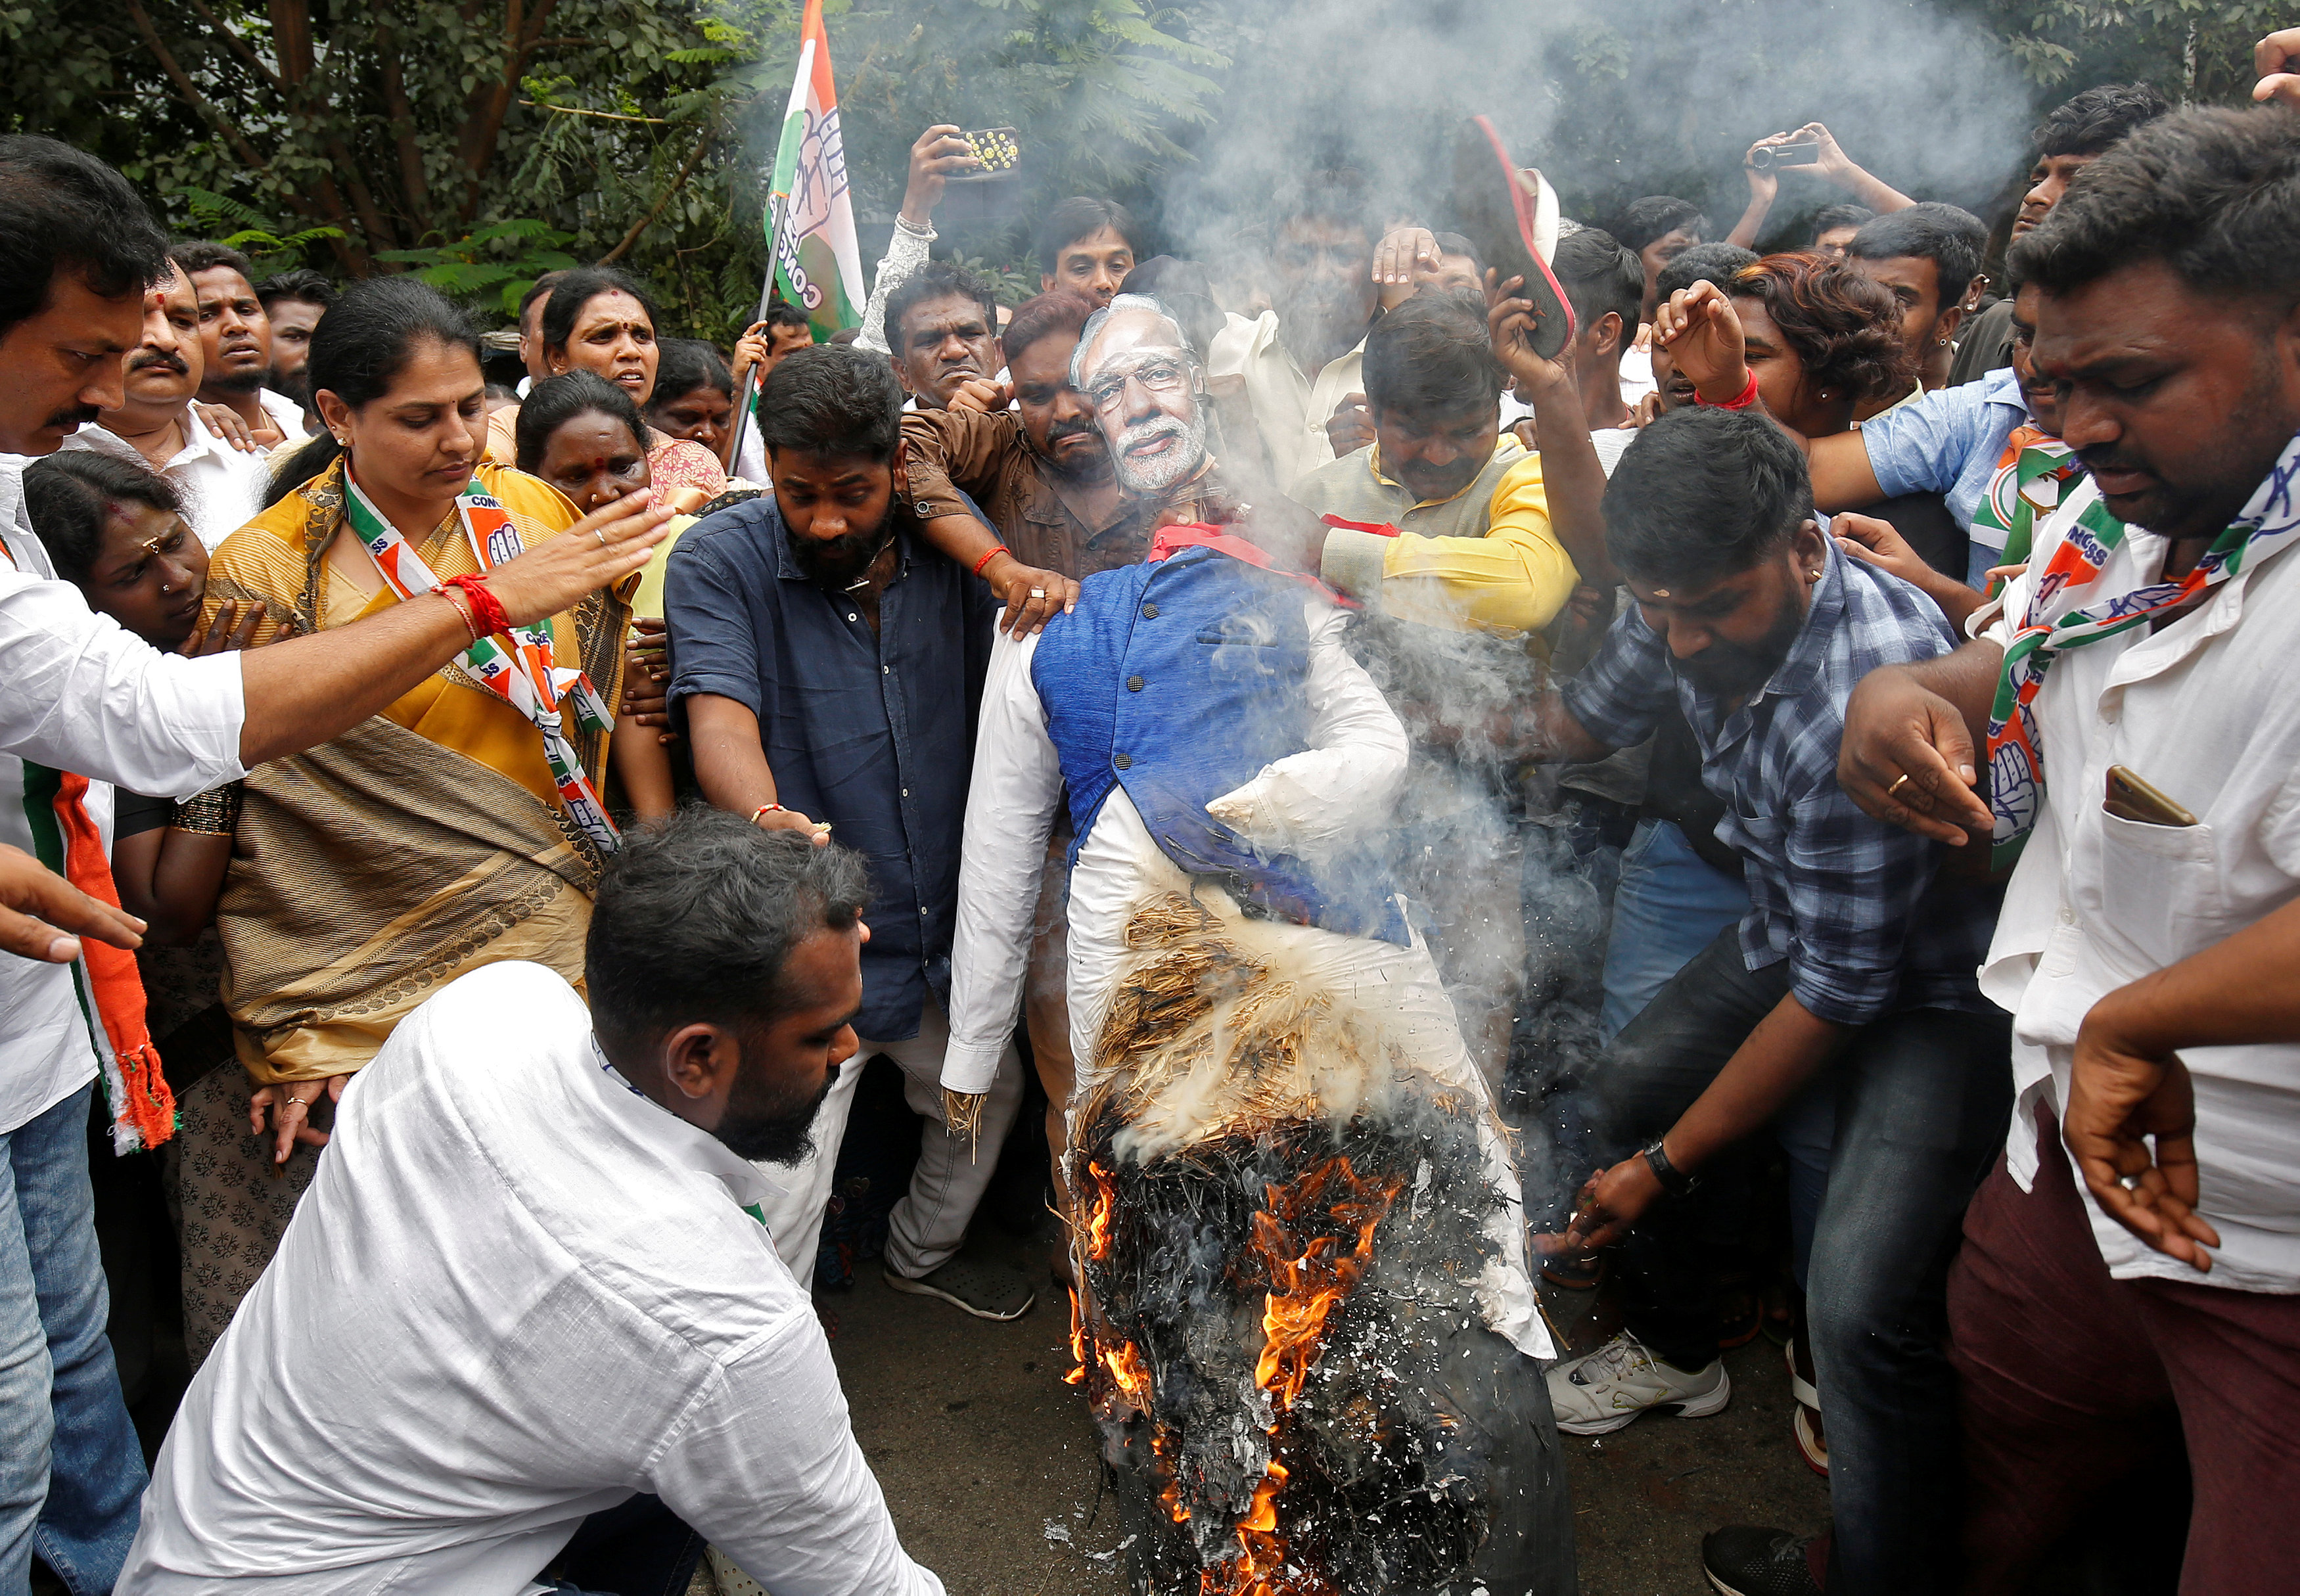 المتظاهرين يحرقون تمثالاً لرئيس وزراء الهند